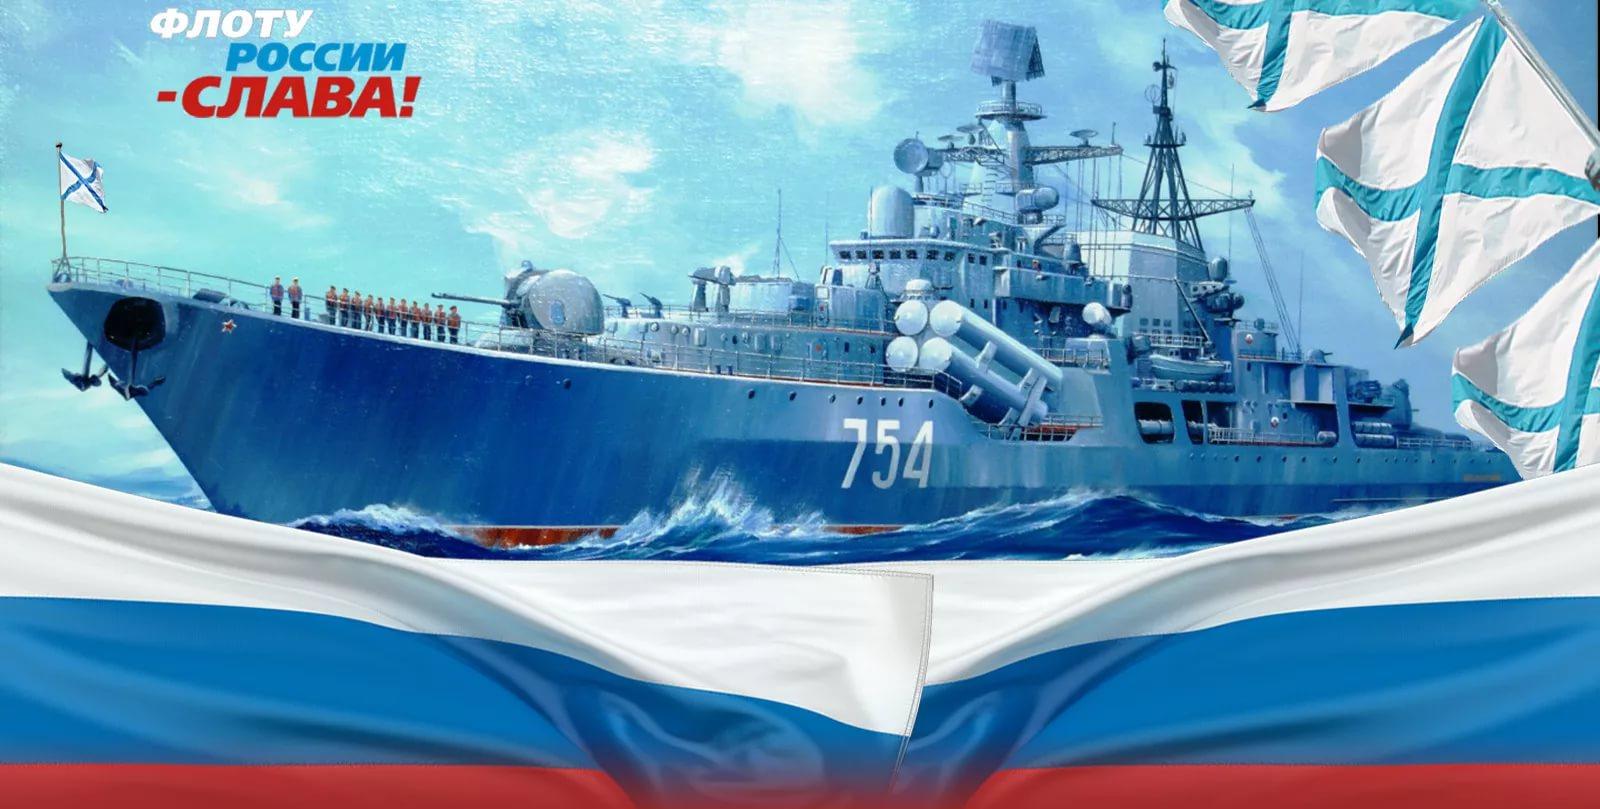 Военно-морской флот россии открытки с